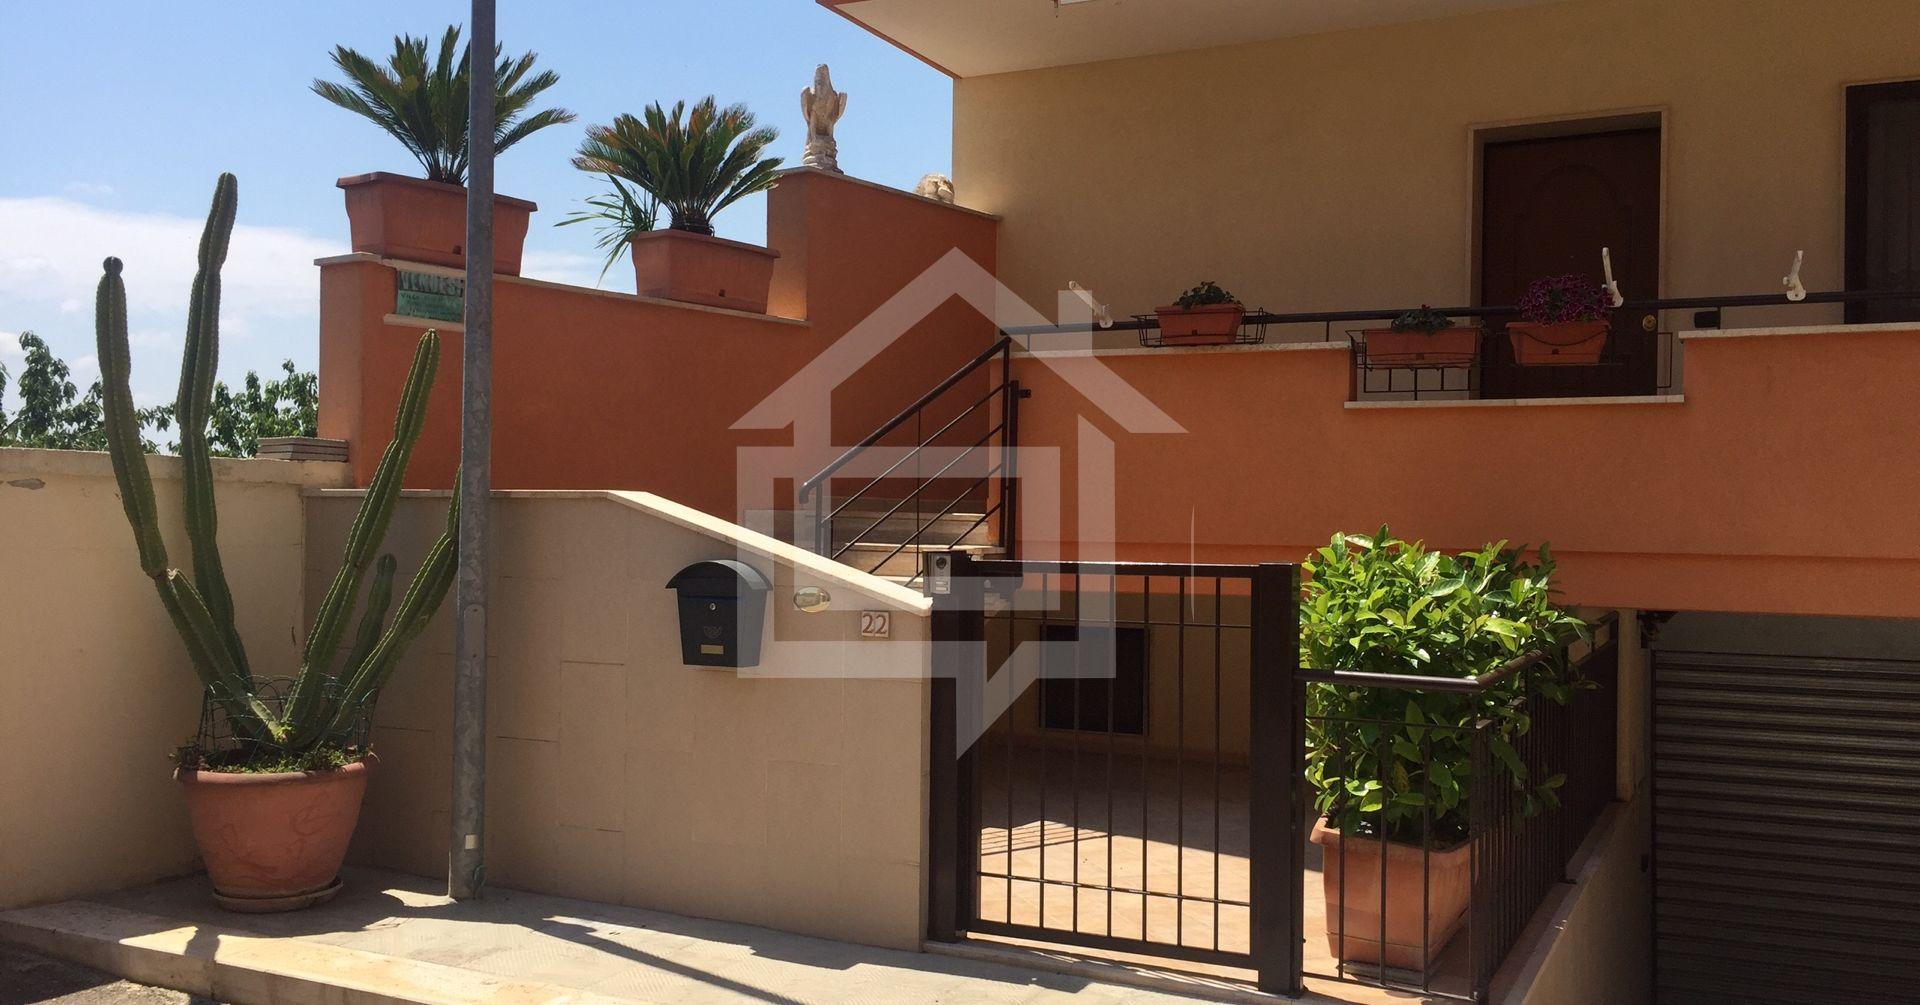 Divicasa casa indipendente o terratetto in vendita a for Casa con 2 camere da letto con seminterrato finito in affitto